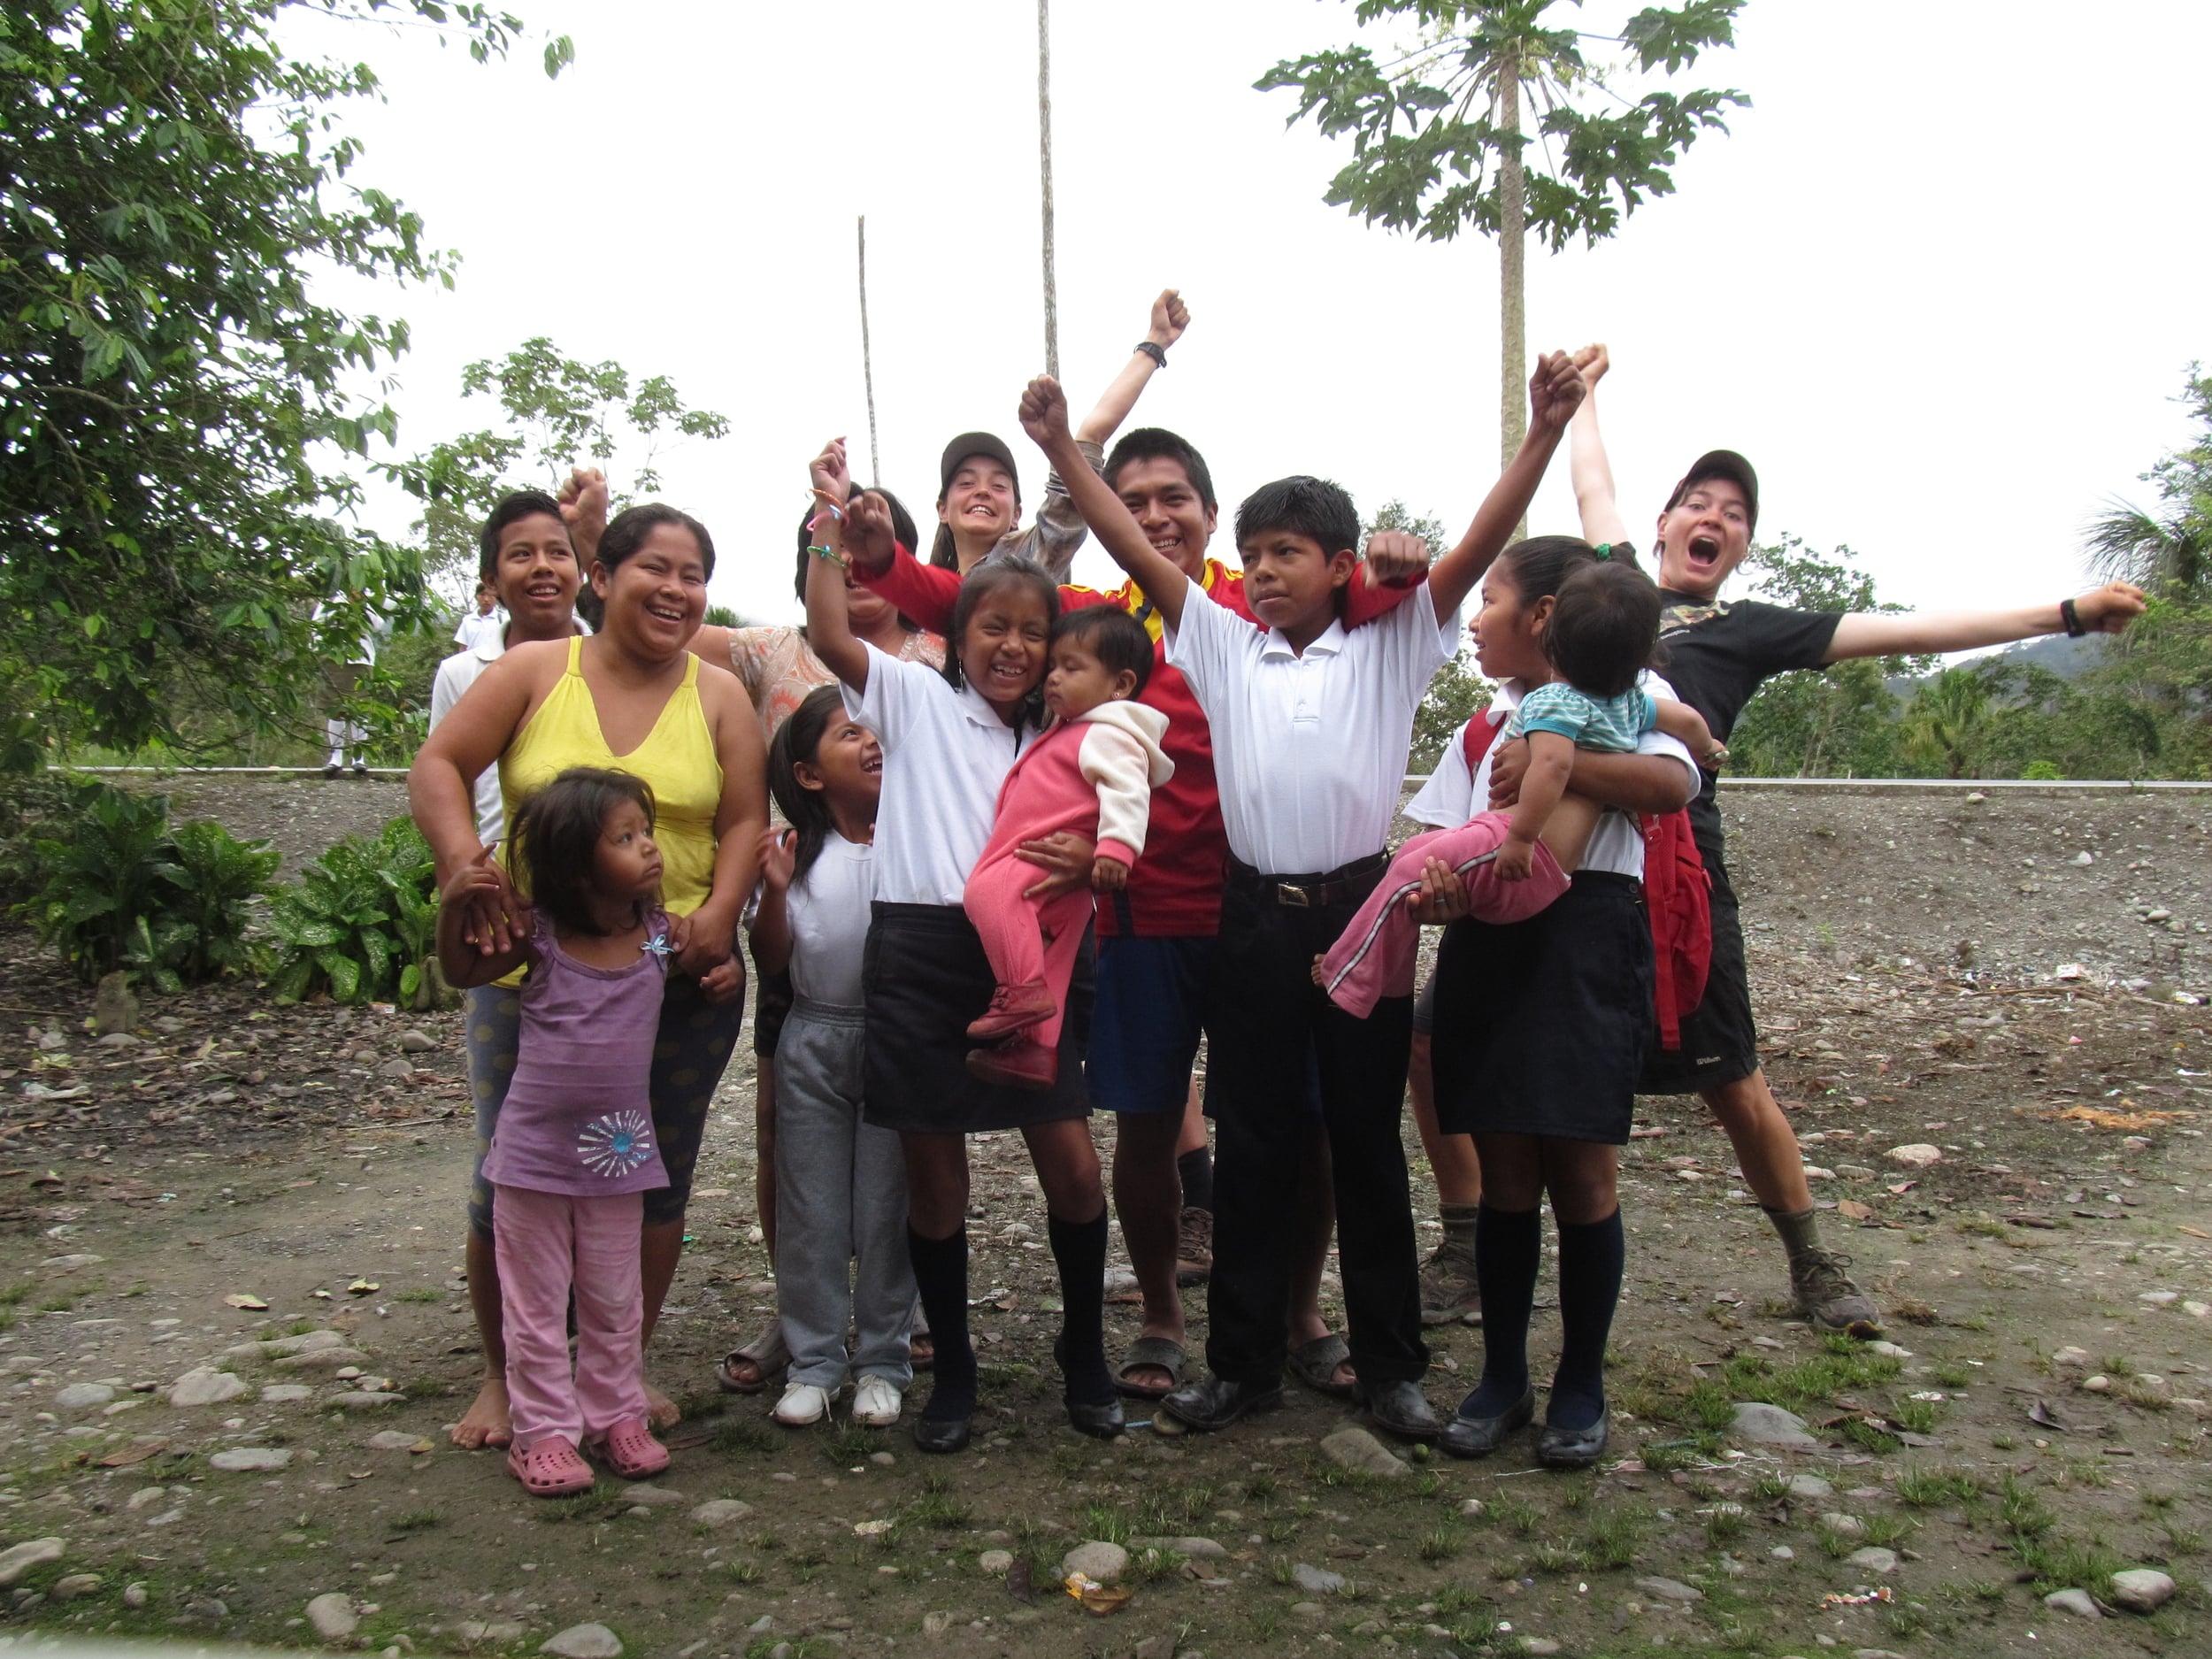 Cuando no hay bomberos ni iglesias preguntamos personas viviendo cerca del camino si podemos acampar en sus jardines. Este familia nos dio un lugar, mucho conversación divertida Y empanadas ecuatorianos. ¡Me encantan empanadas!